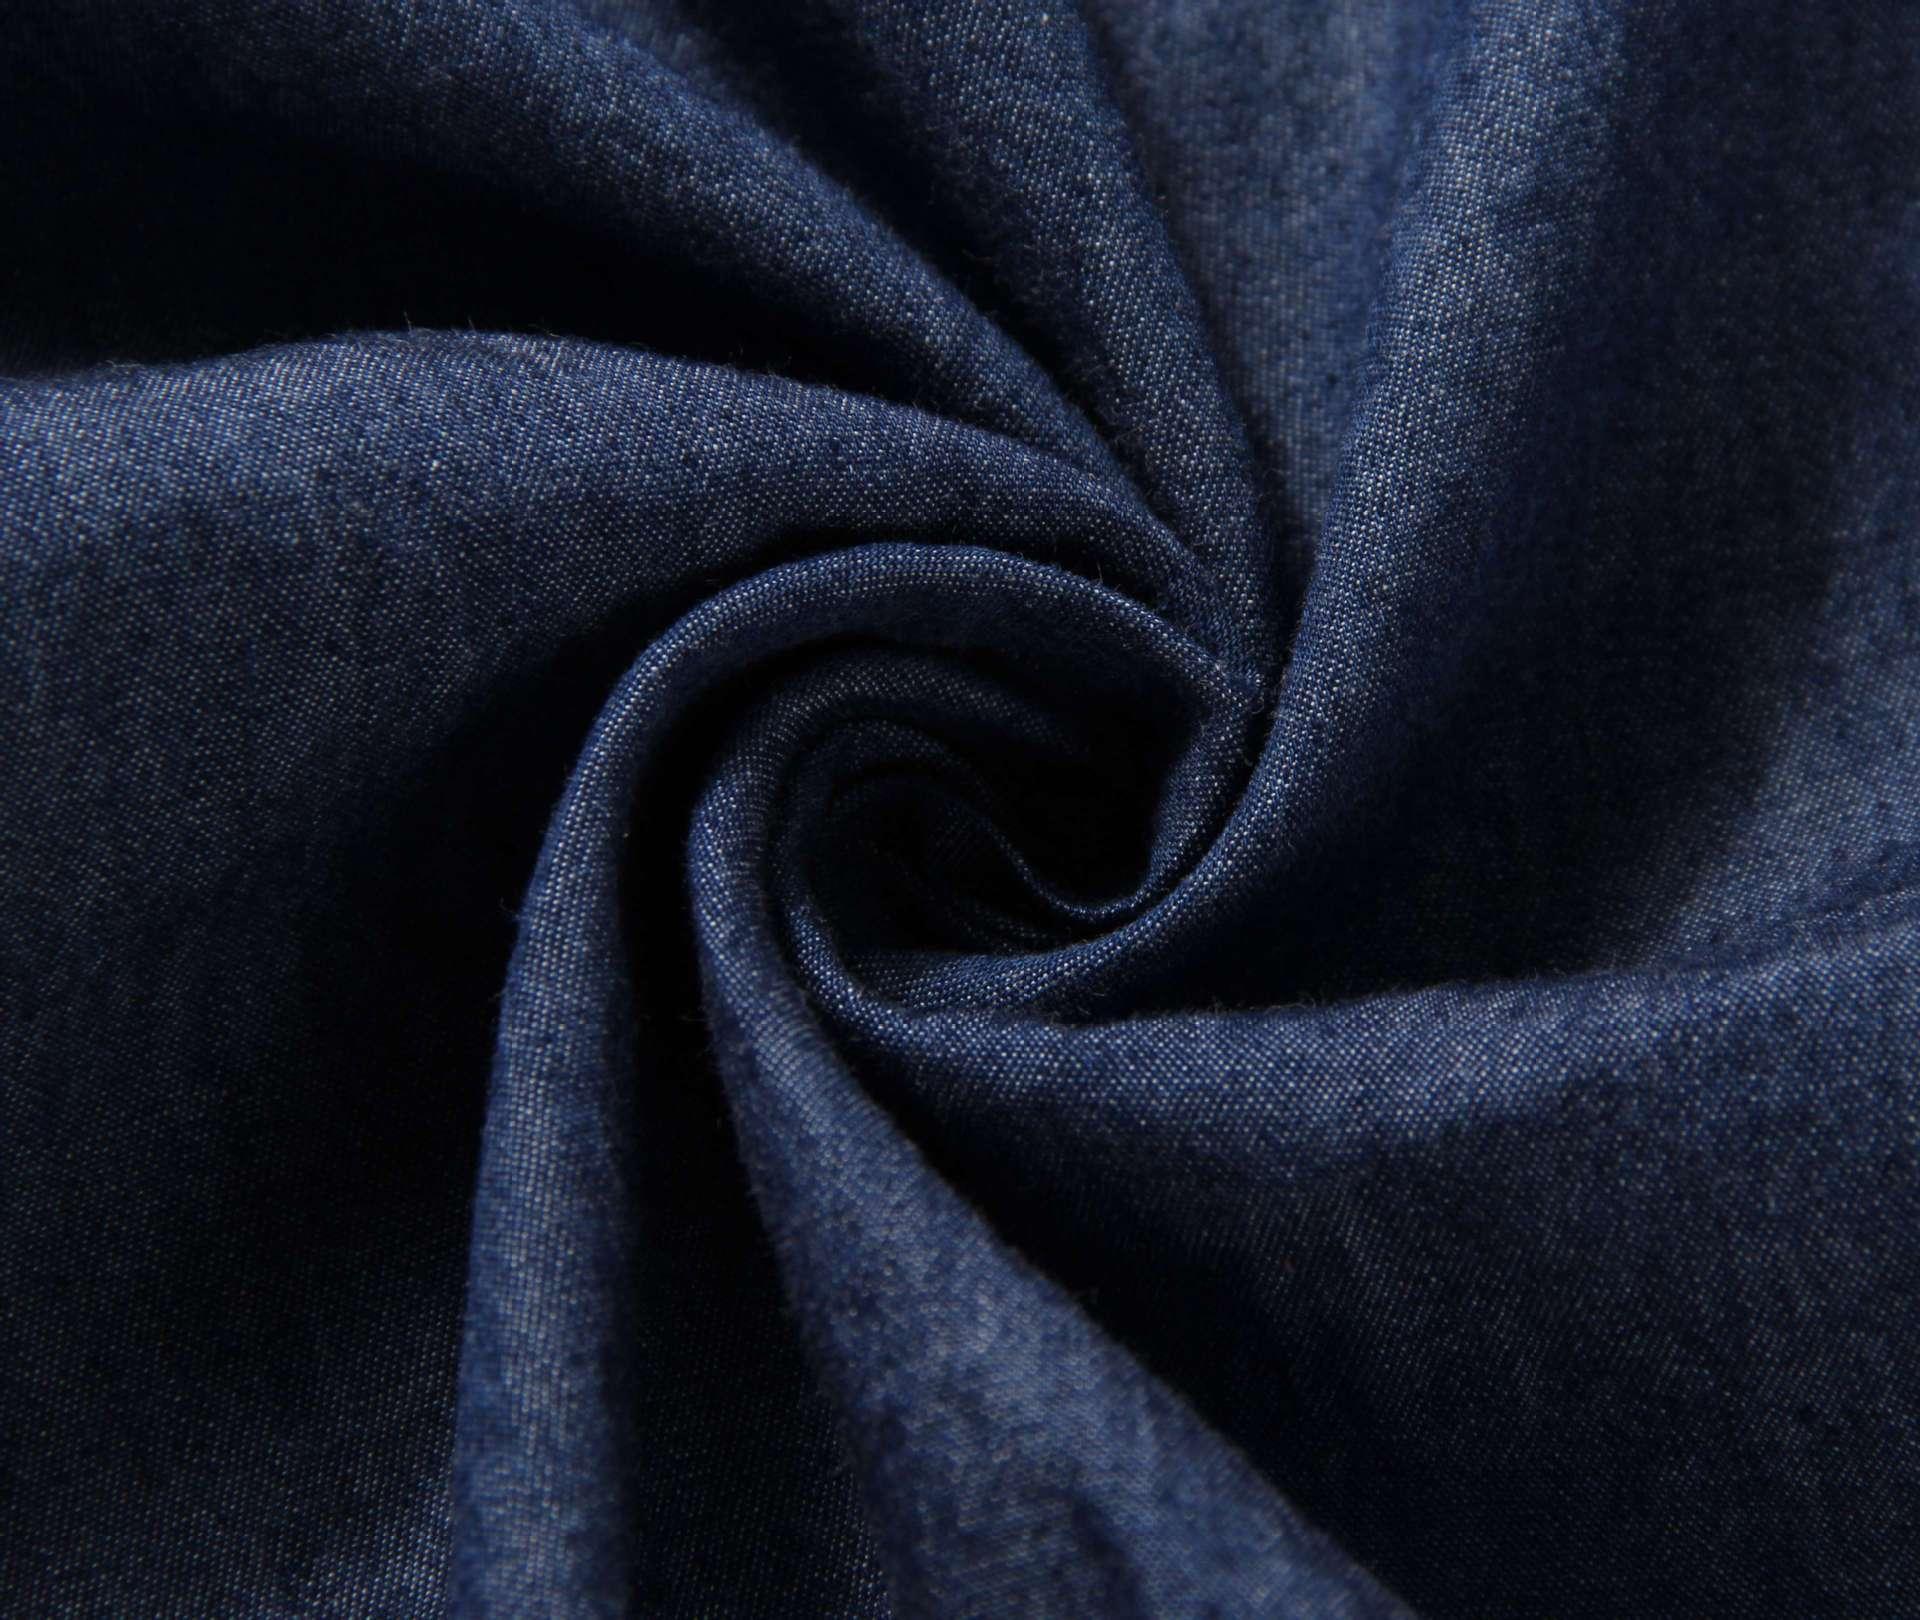 纯棉32s水洗牛仔布面料 童装面料 连衣裙 夏季薄款牛仔 全棉柔软图片